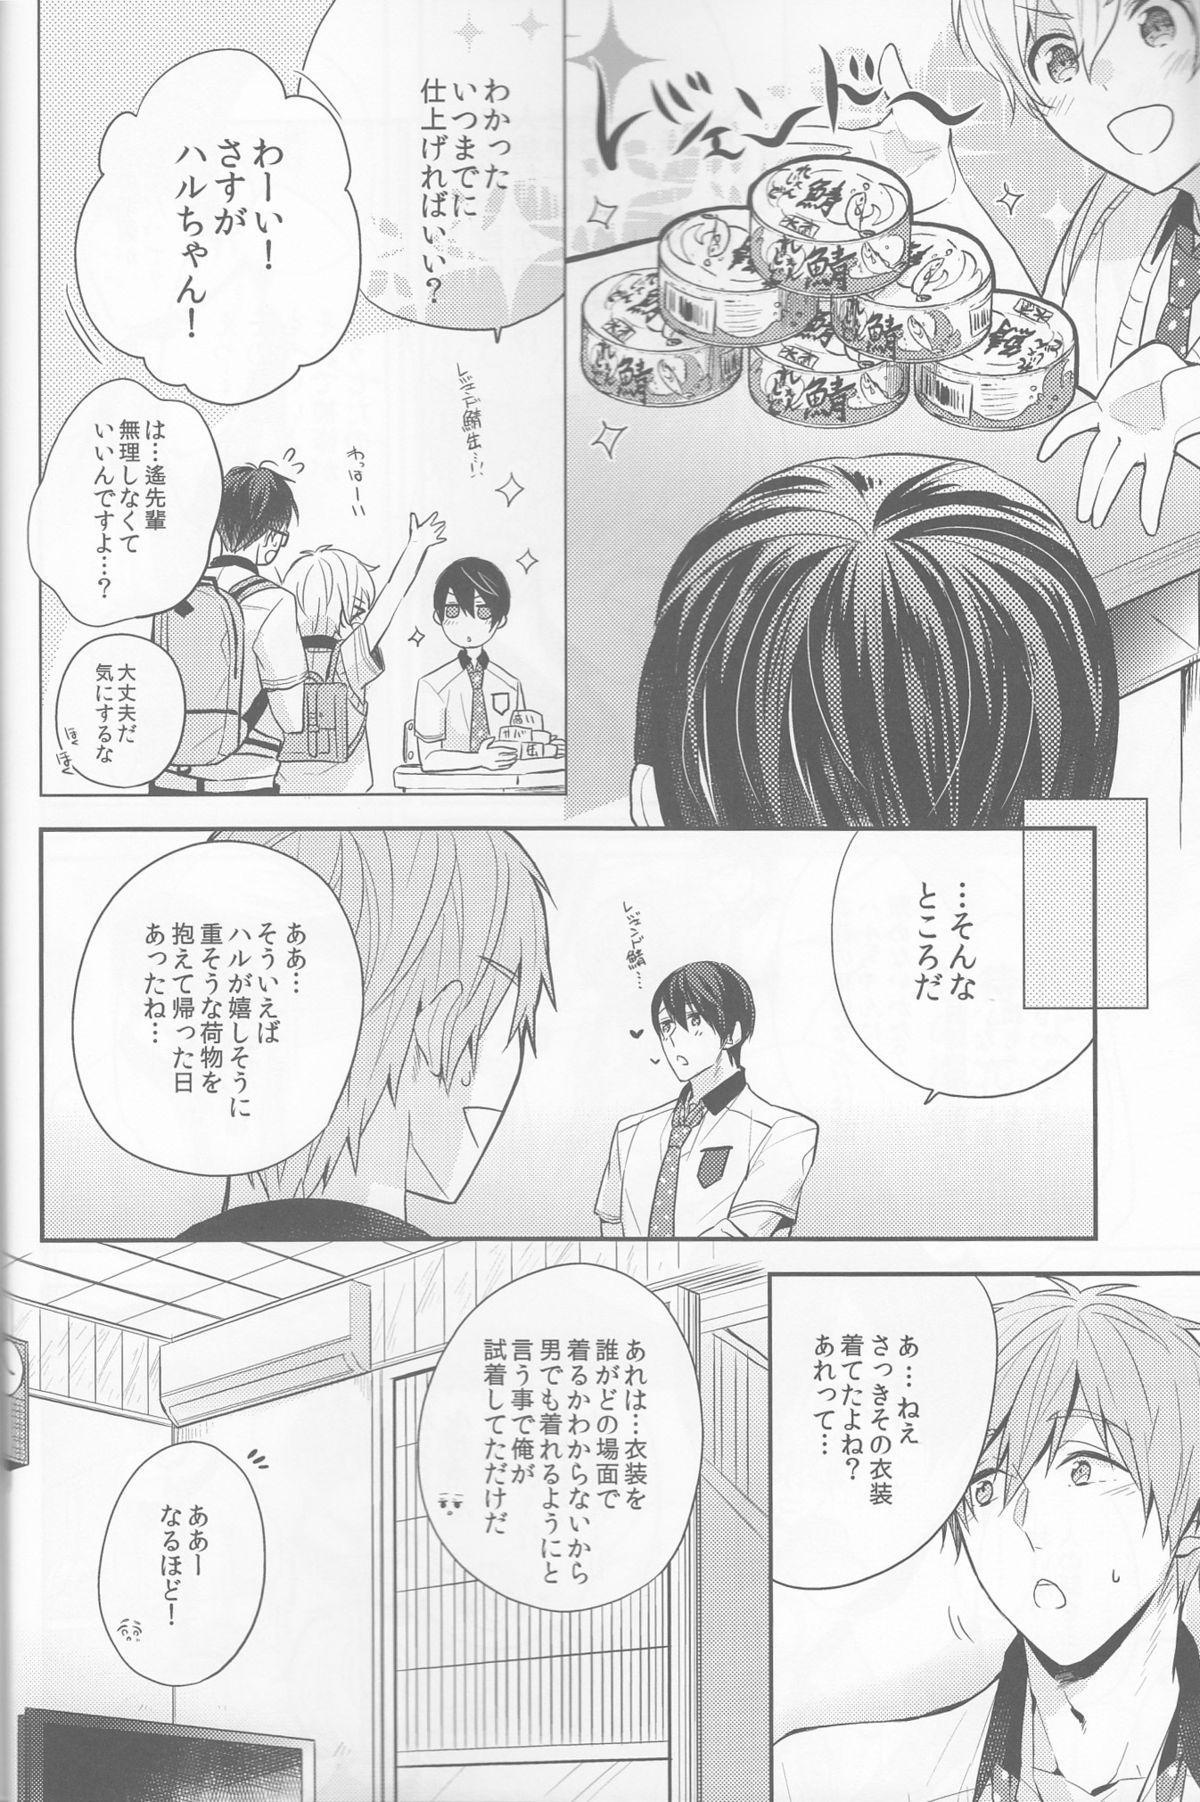 Manatsu no hakuchuumu 10